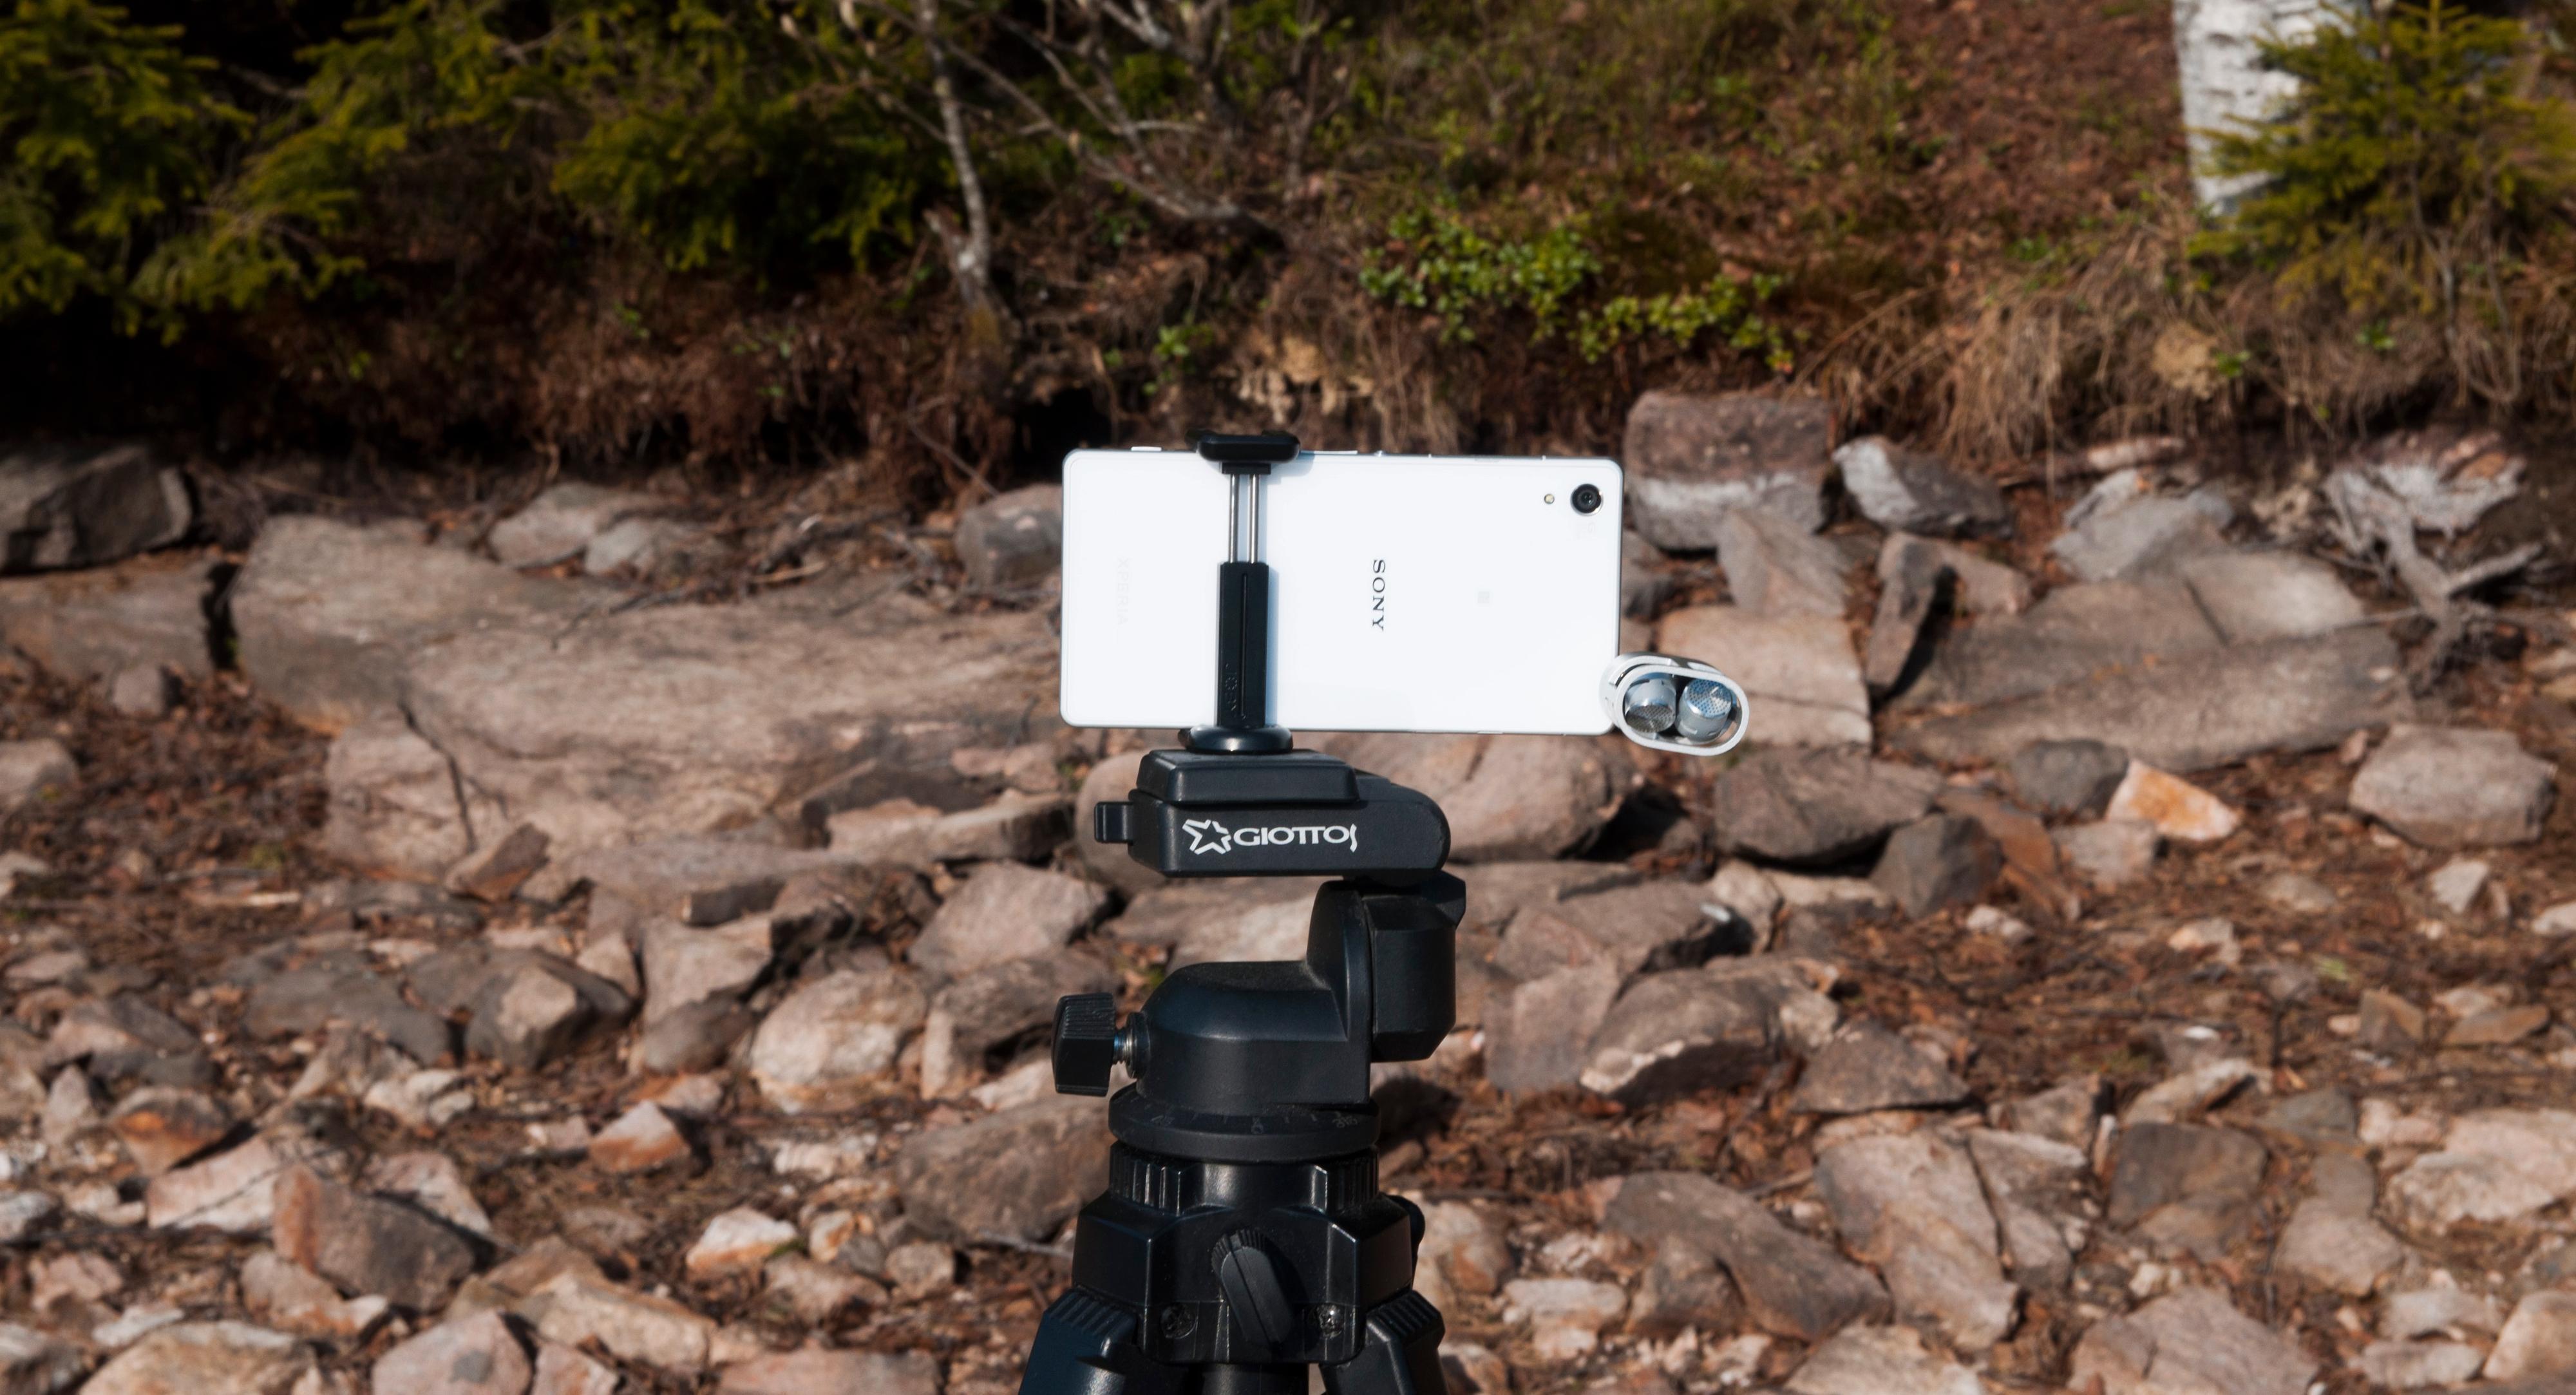 Det er mulig å koble til en stereomikrofon på toppen av telefonen.Foto: Finn Jarle Kvalheim, Amobil.no